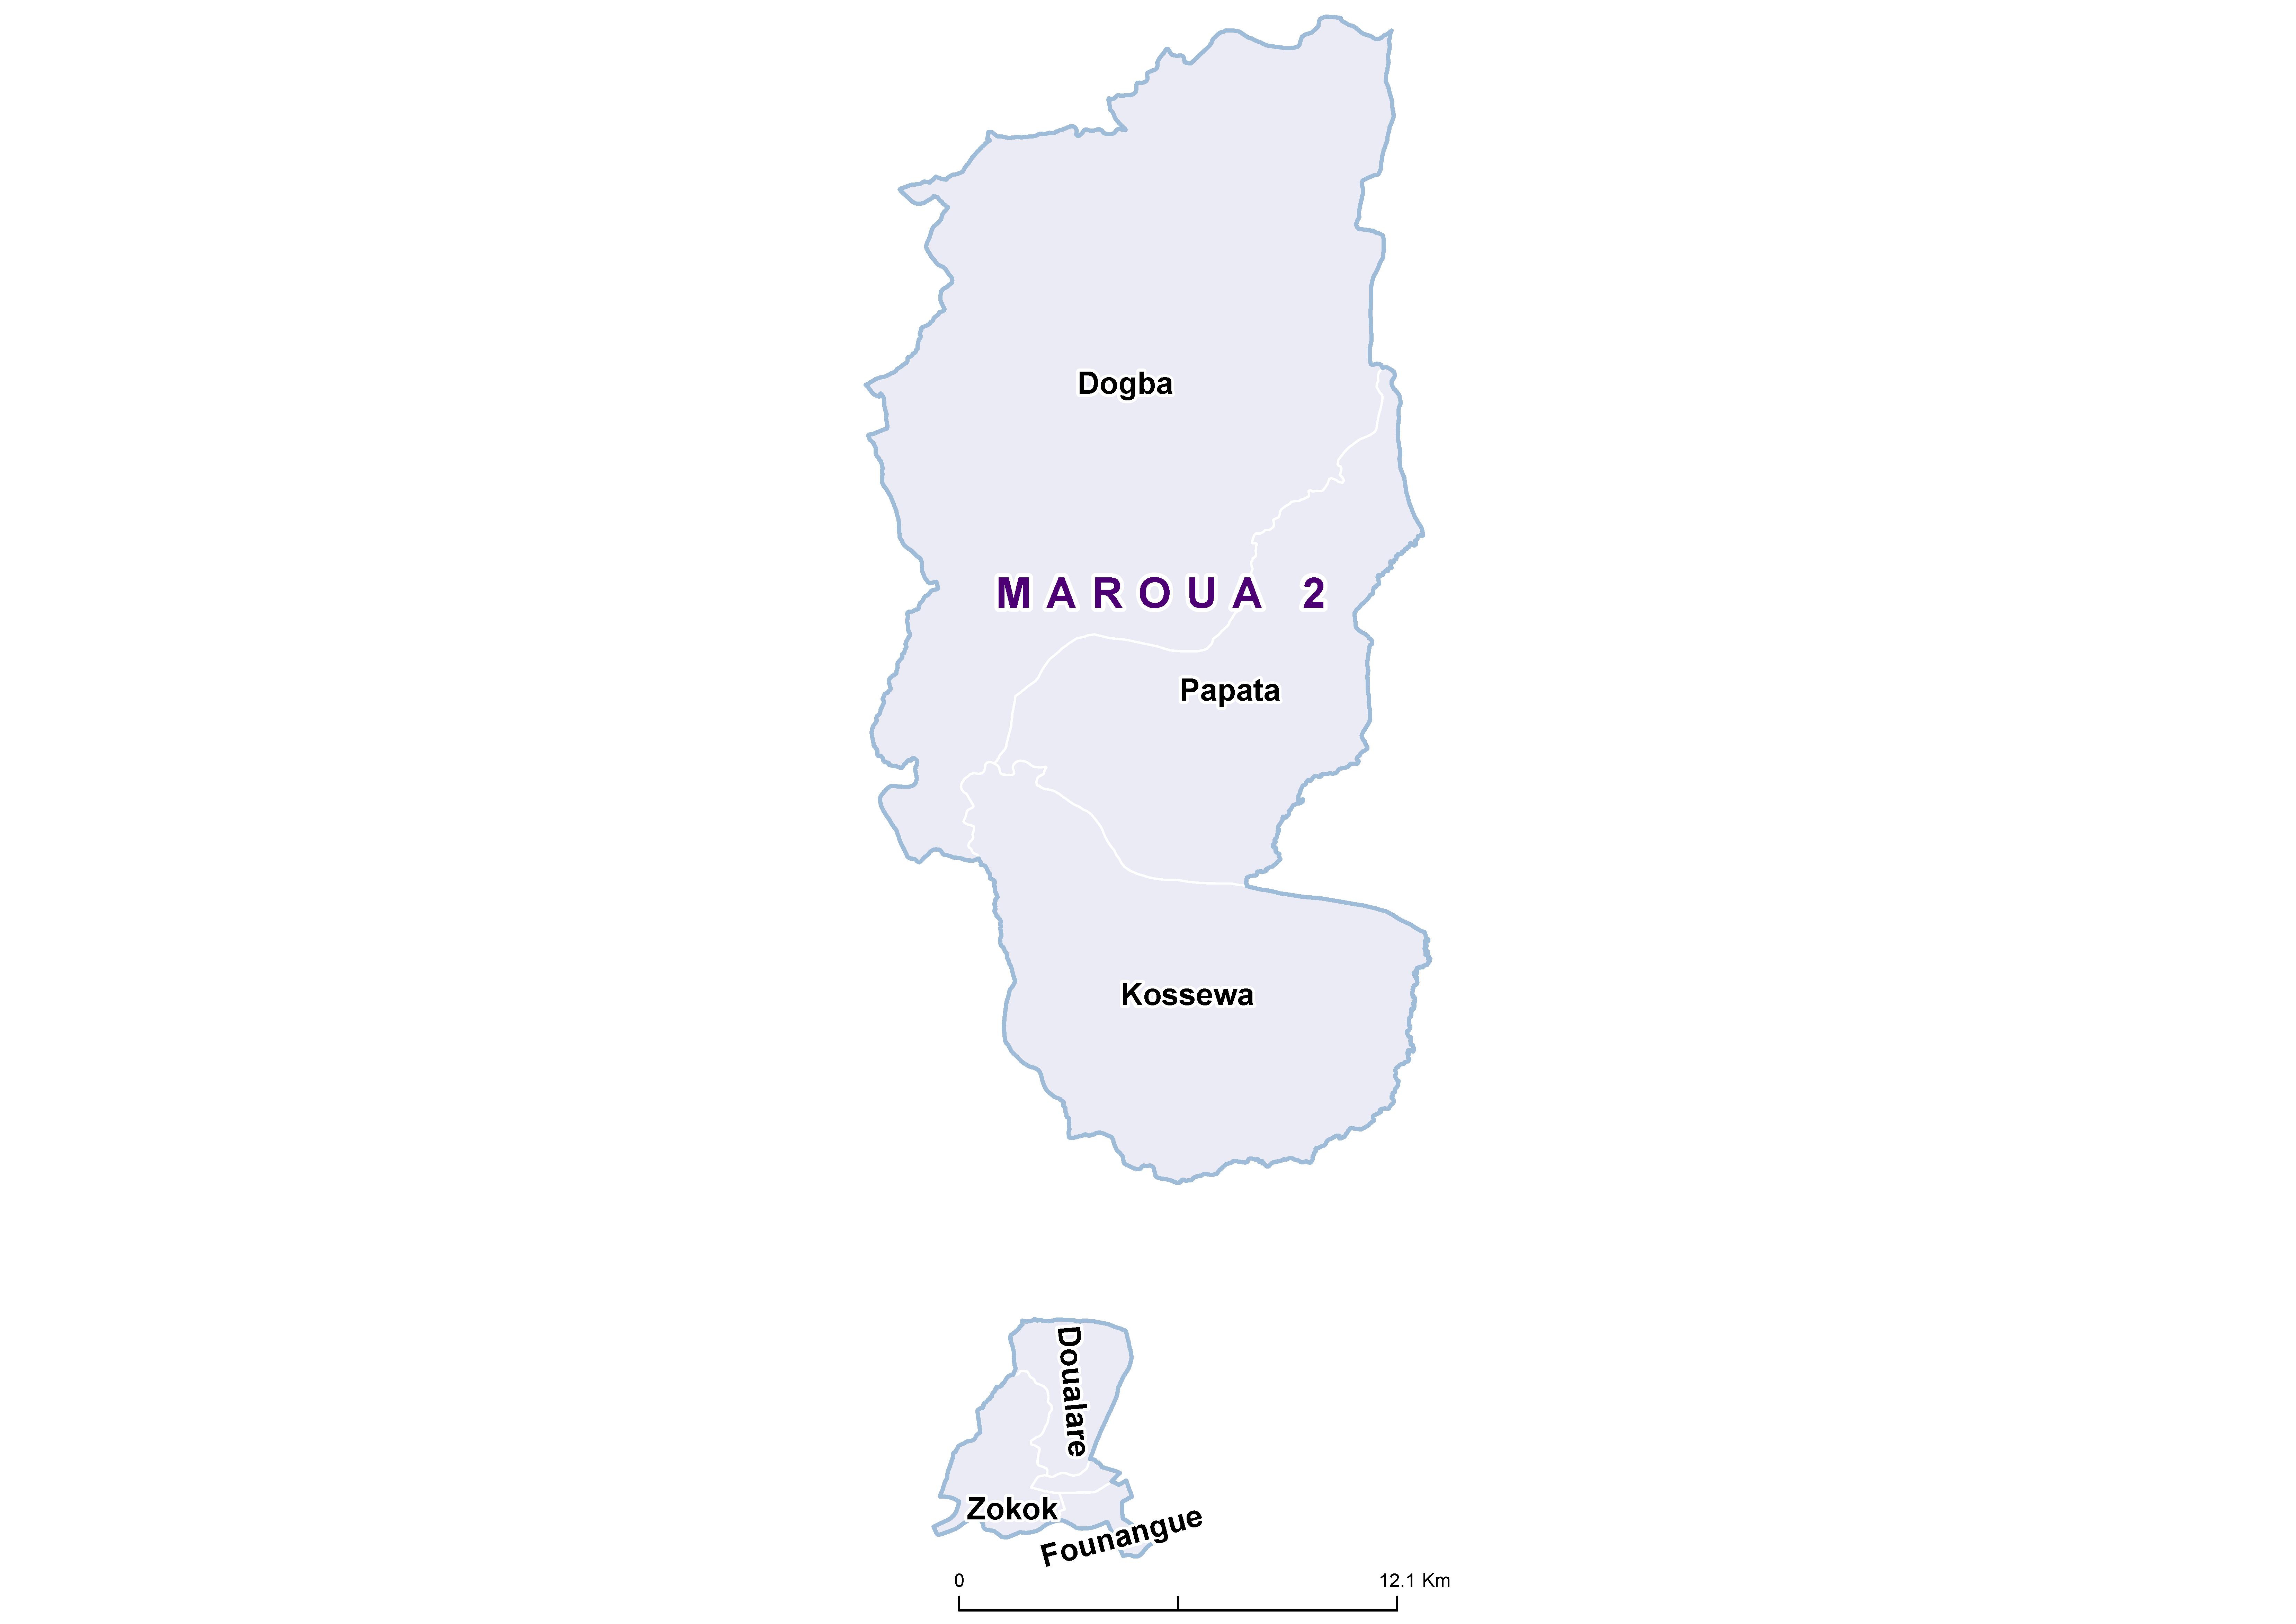 Maroua 2 STH 20180001